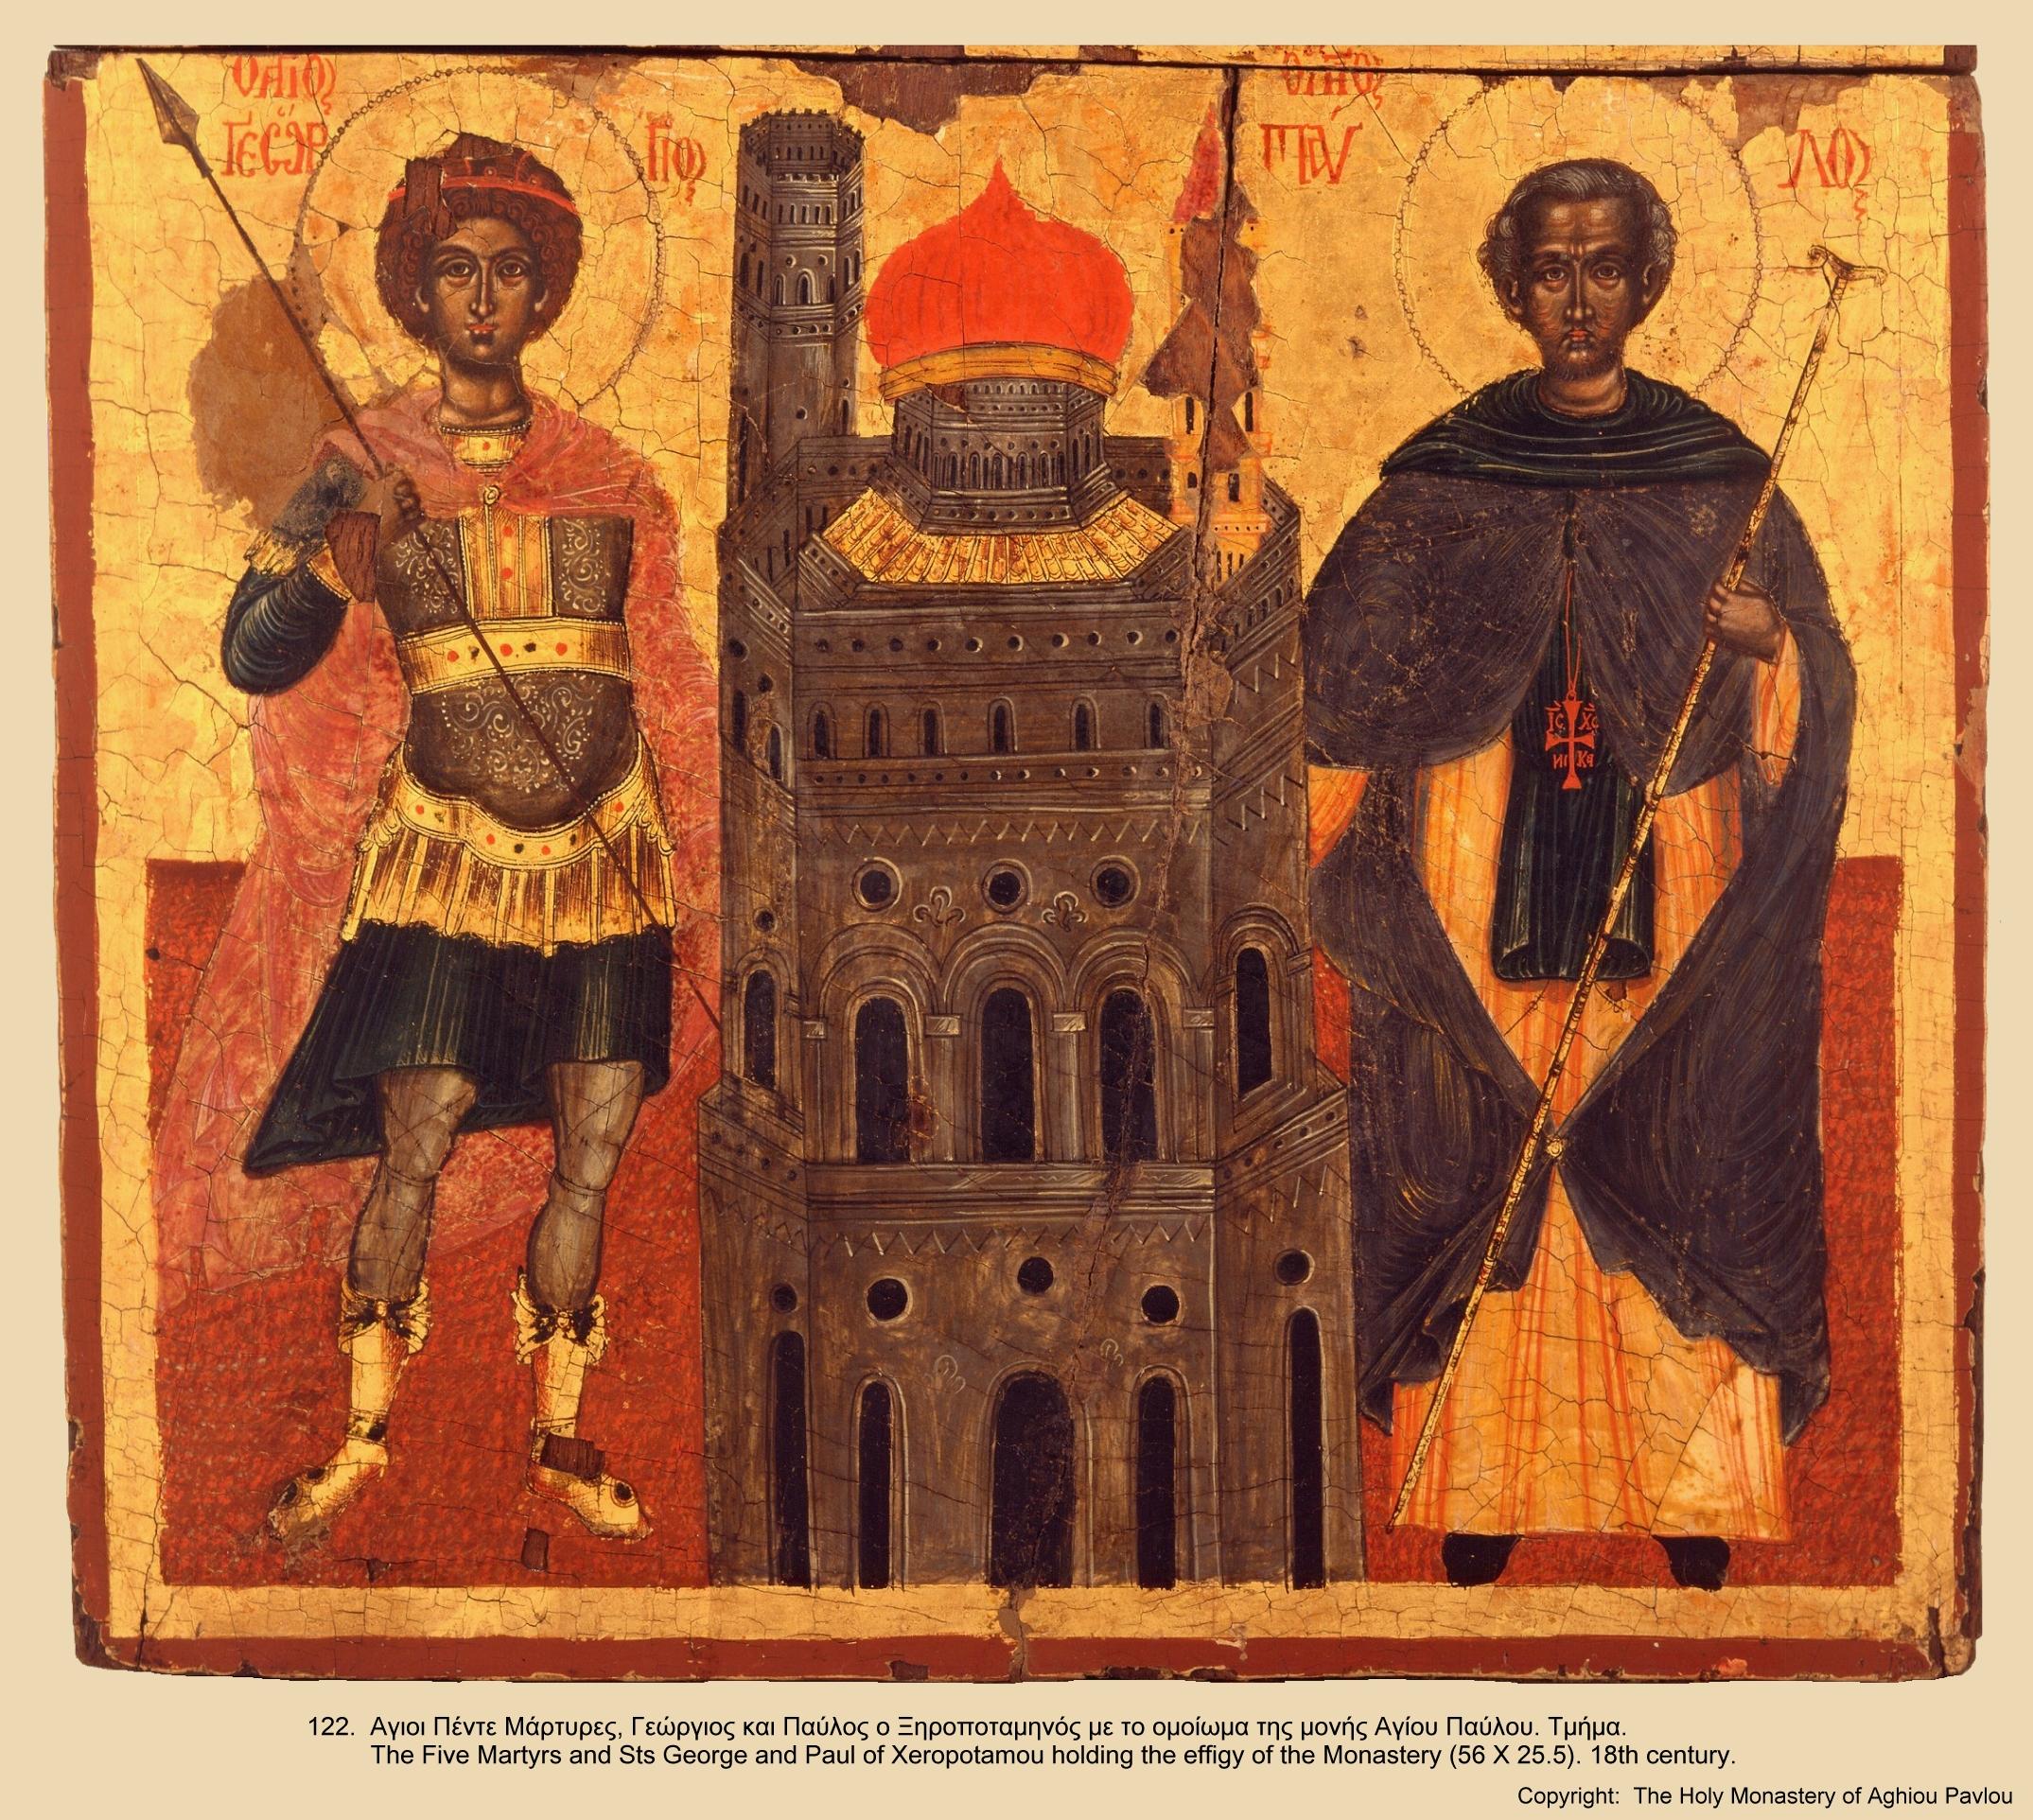 Иконы монастыря св. Павла (121)